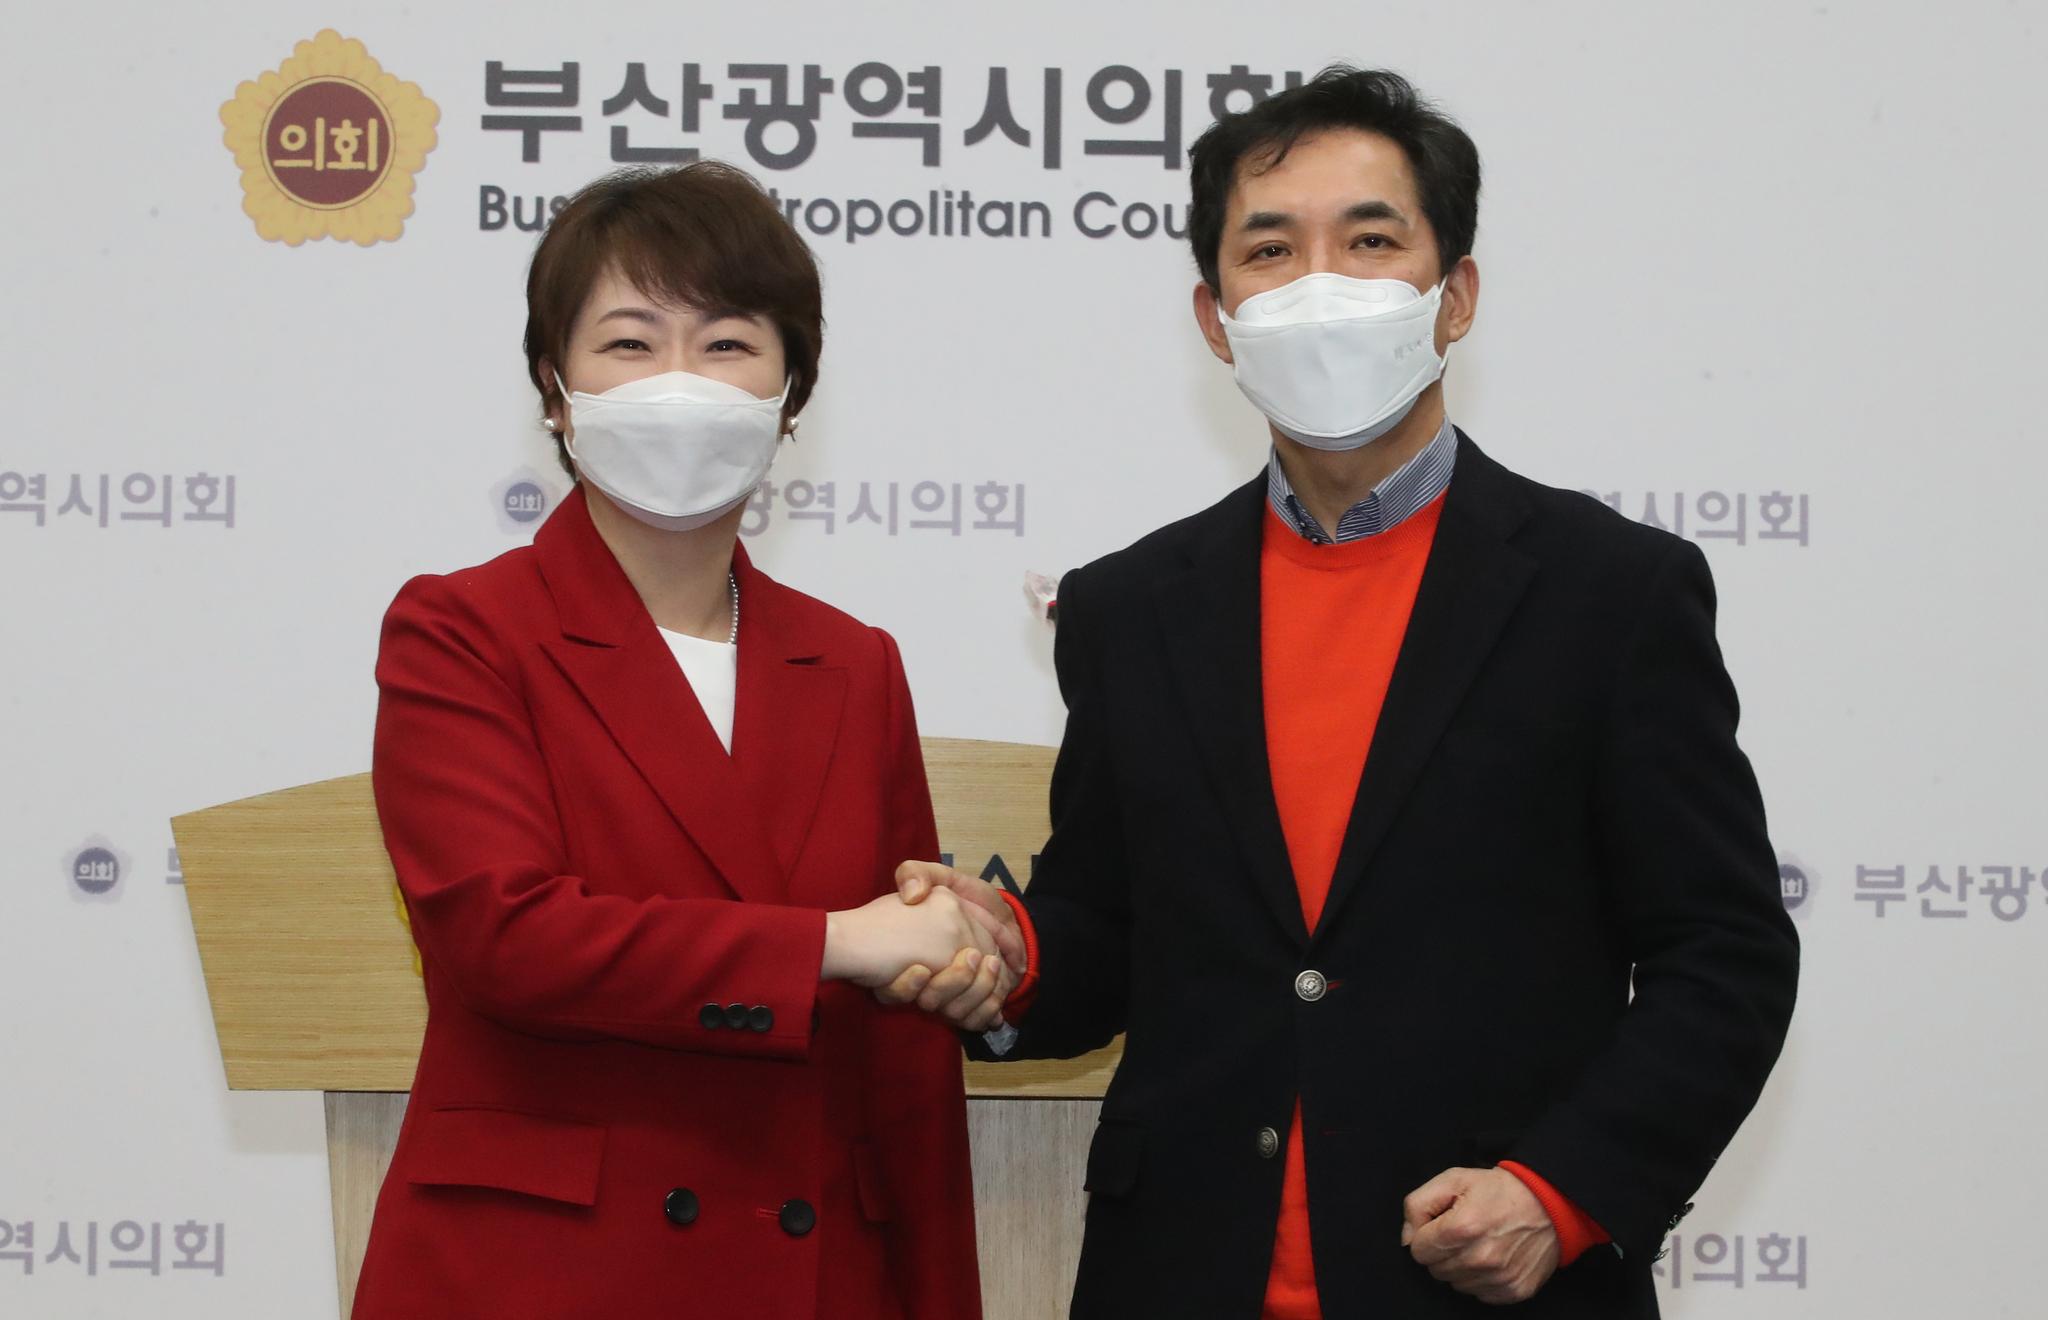 이언주(왼쪽), 박민식 국민의힘 부산시장 예비후보. 중앙포토